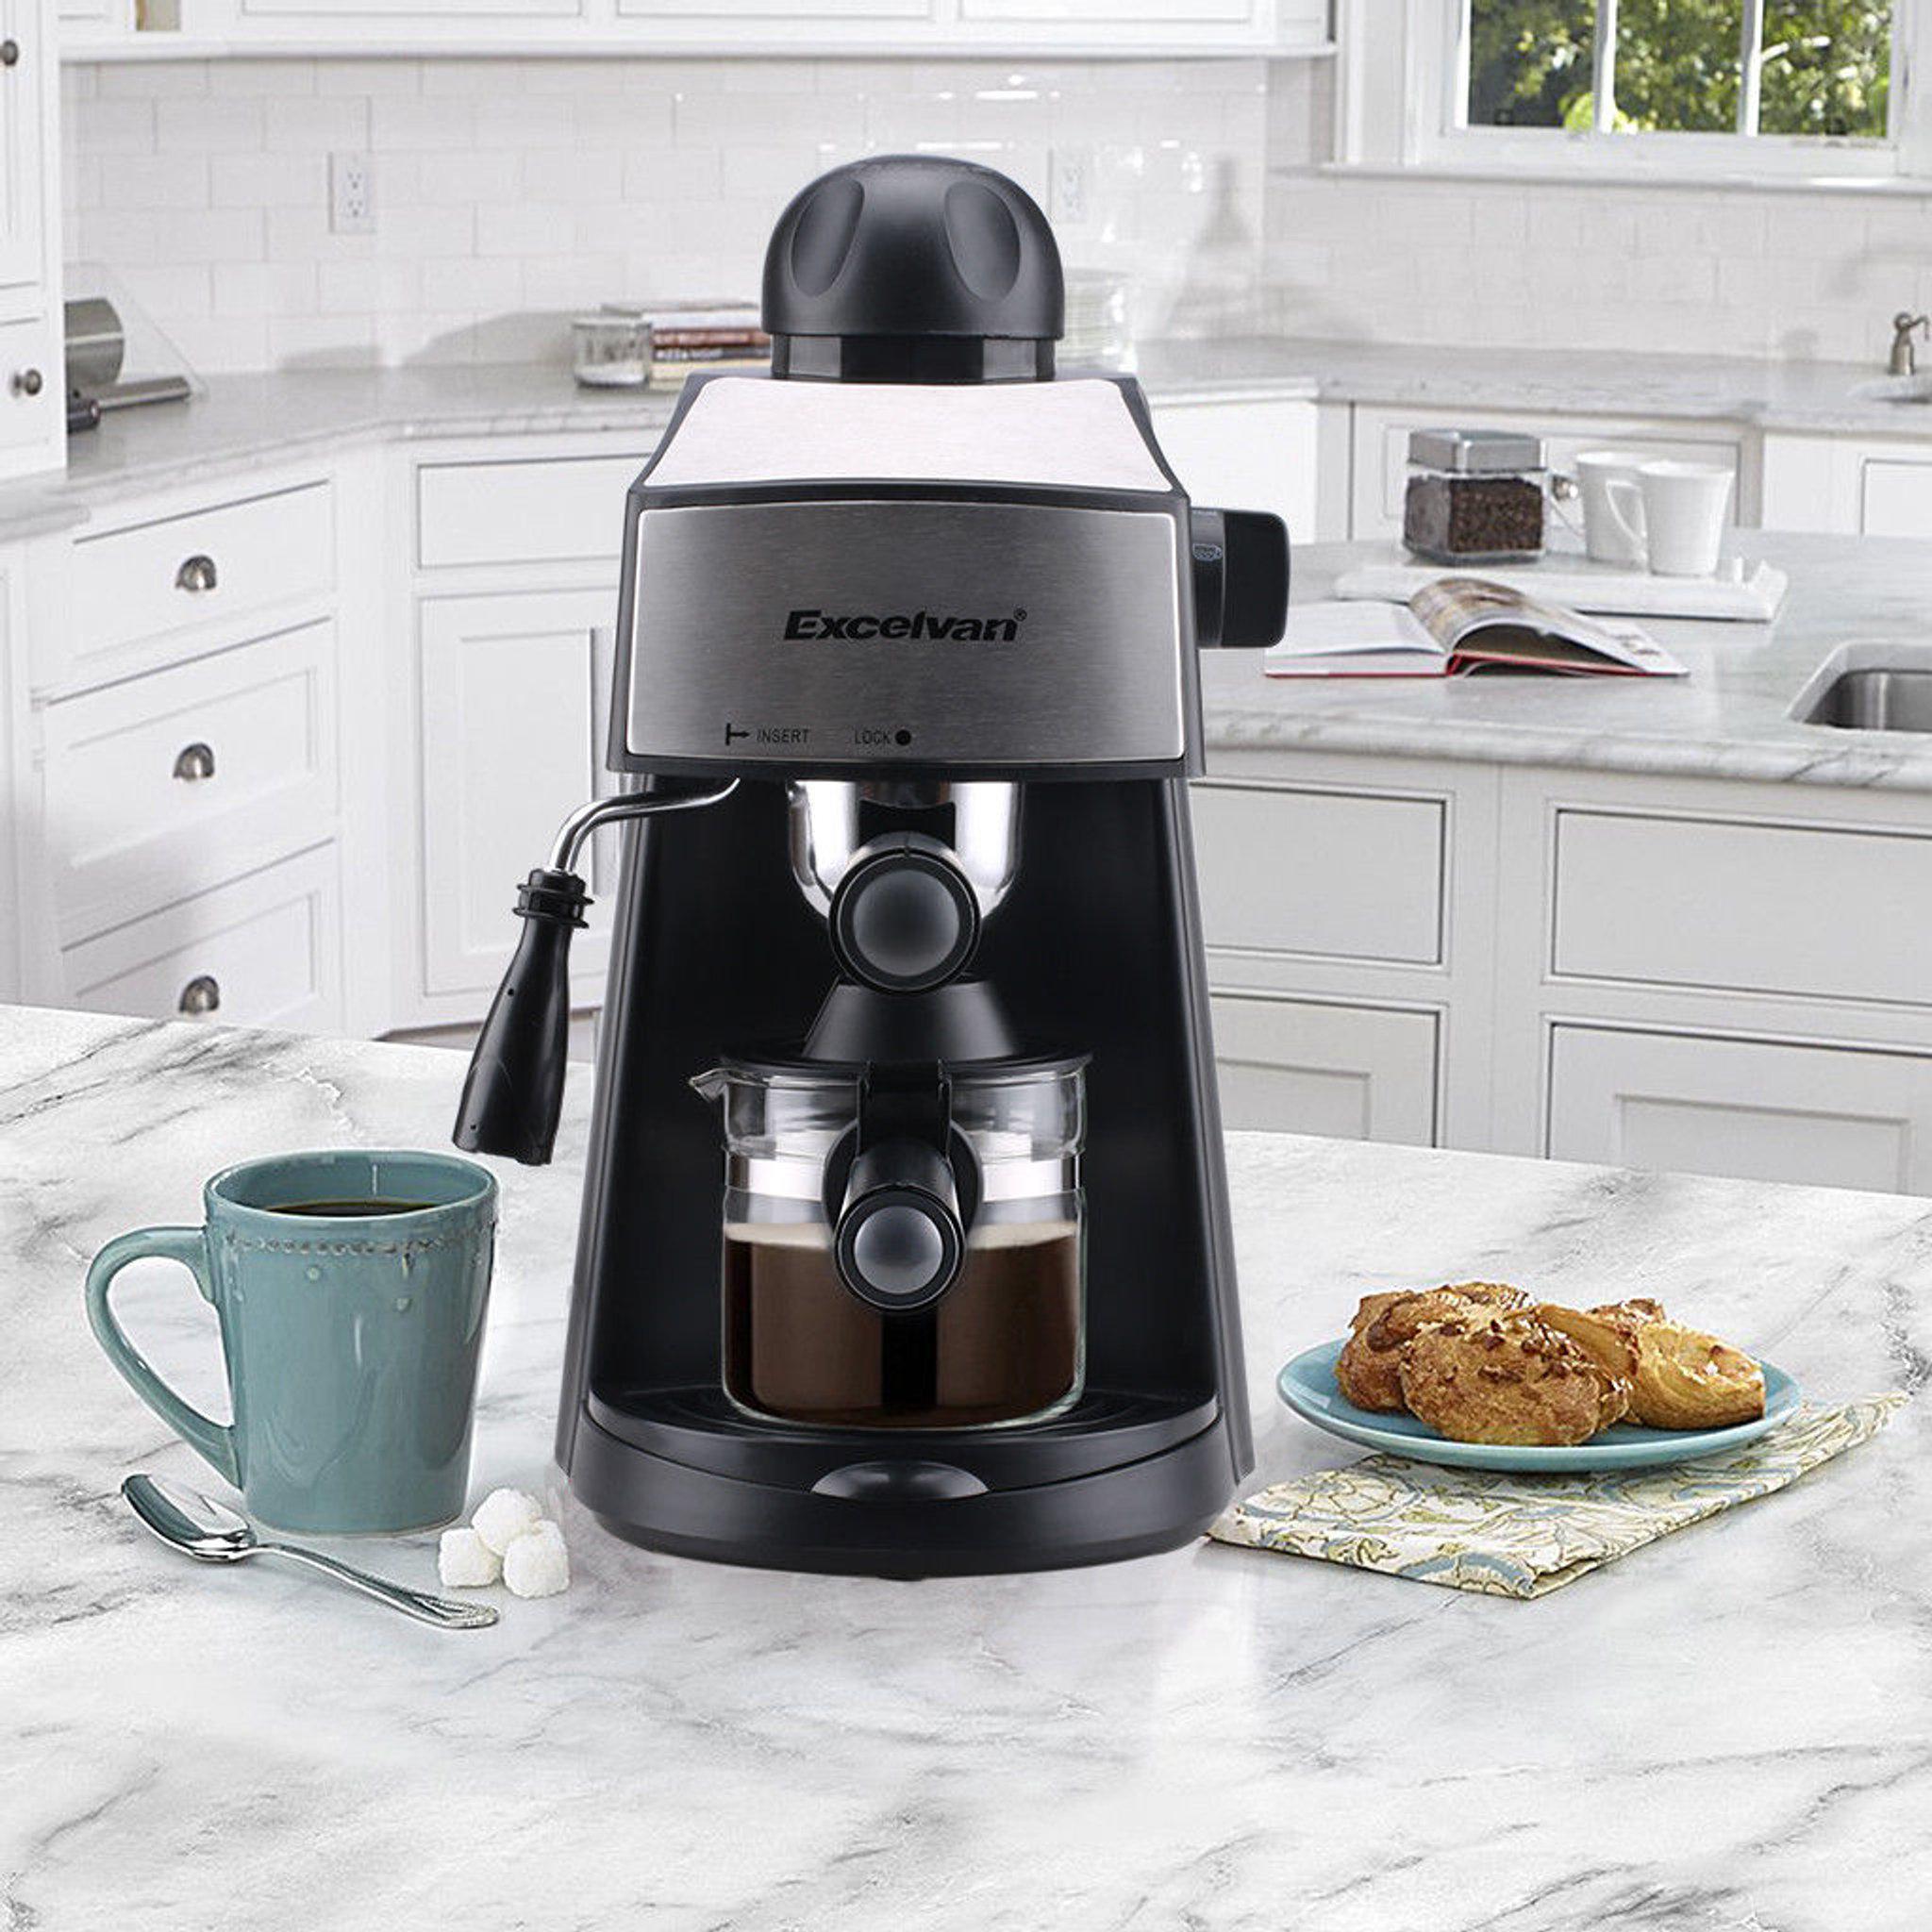 Kitmaster 4 Cup Steam Coffee Maker Machine Espresso Cappuccino Latte Barista